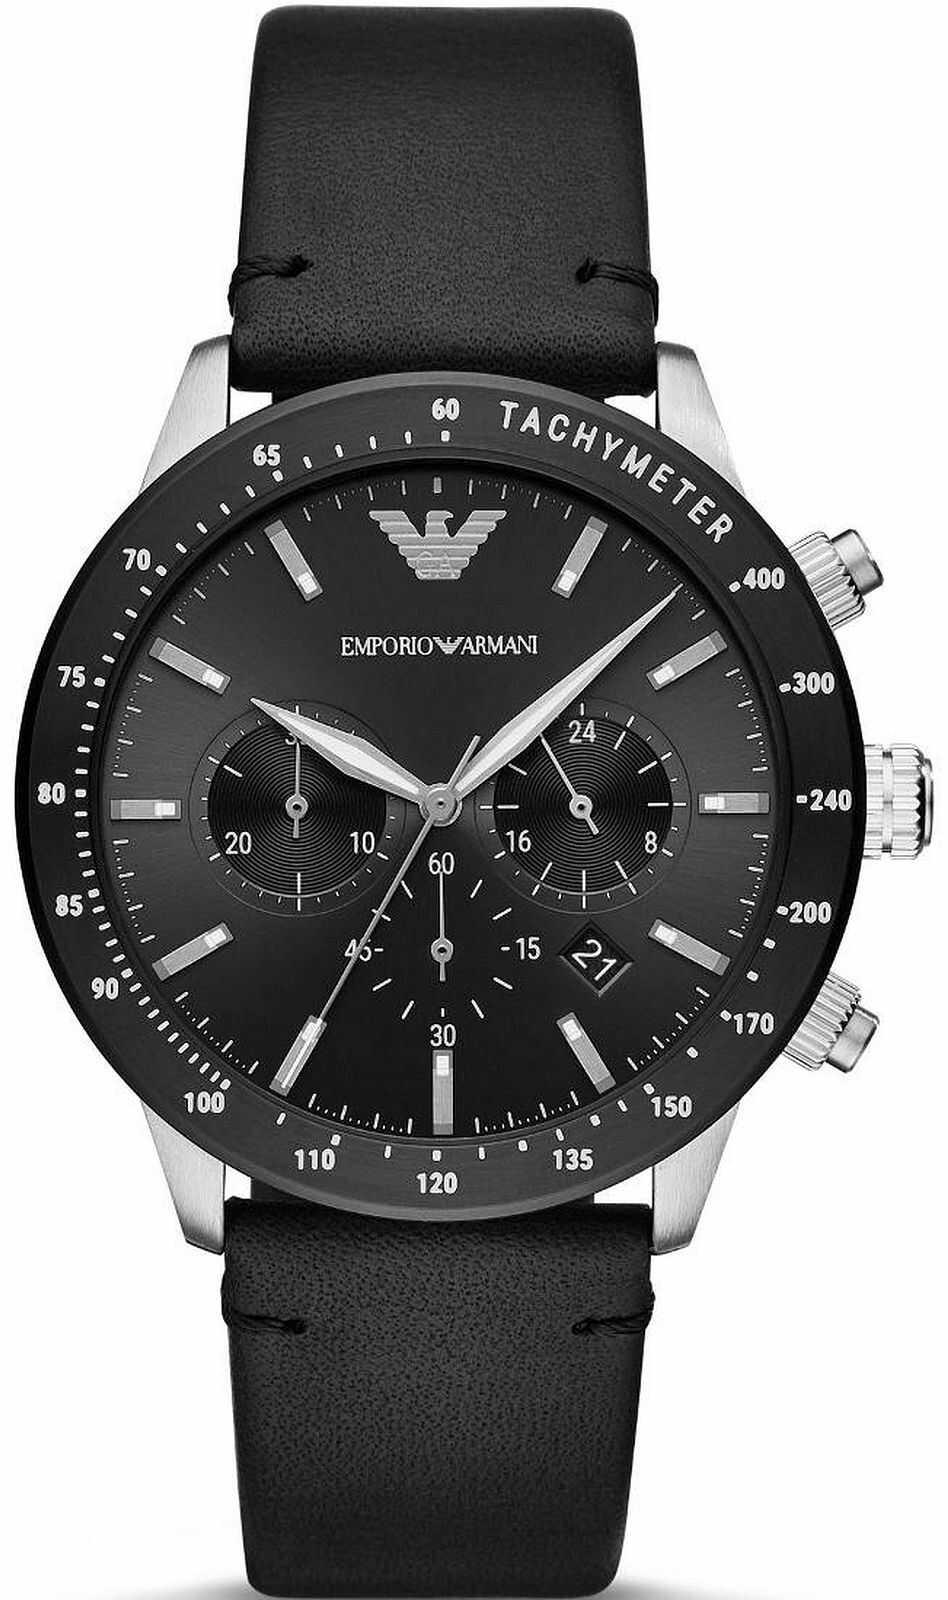 Zegarek Emporio Armani AR11243 > Wysyłka tego samego dnia Grawer 0zł Darmowa dostawa Kurierem/Inpost Darmowy zwrot przez 100 DNI